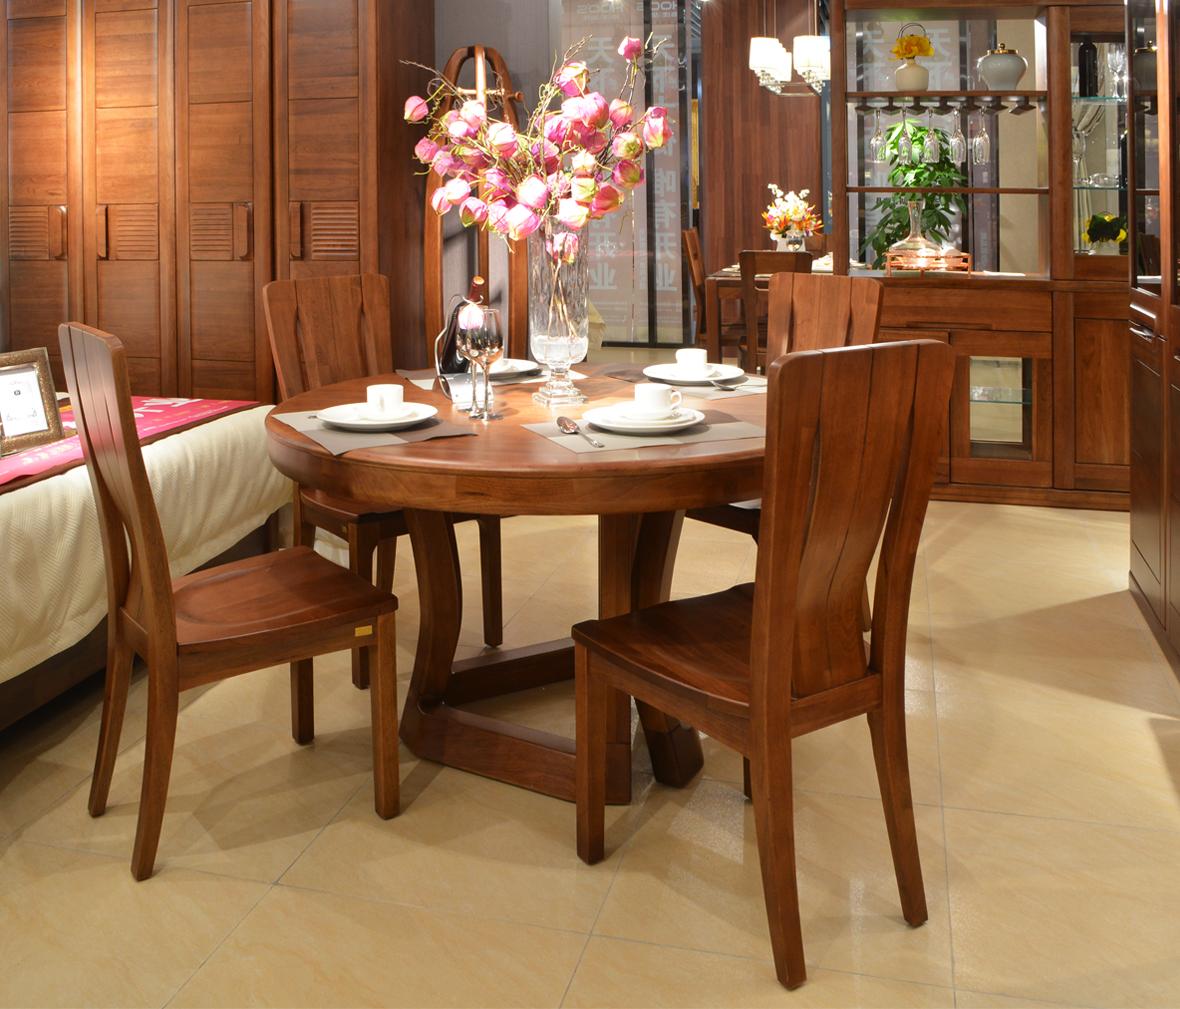 6霸王枨餐桌 ye001型号 榆木材质 中式古典风格   眼缘:2  天坛家具